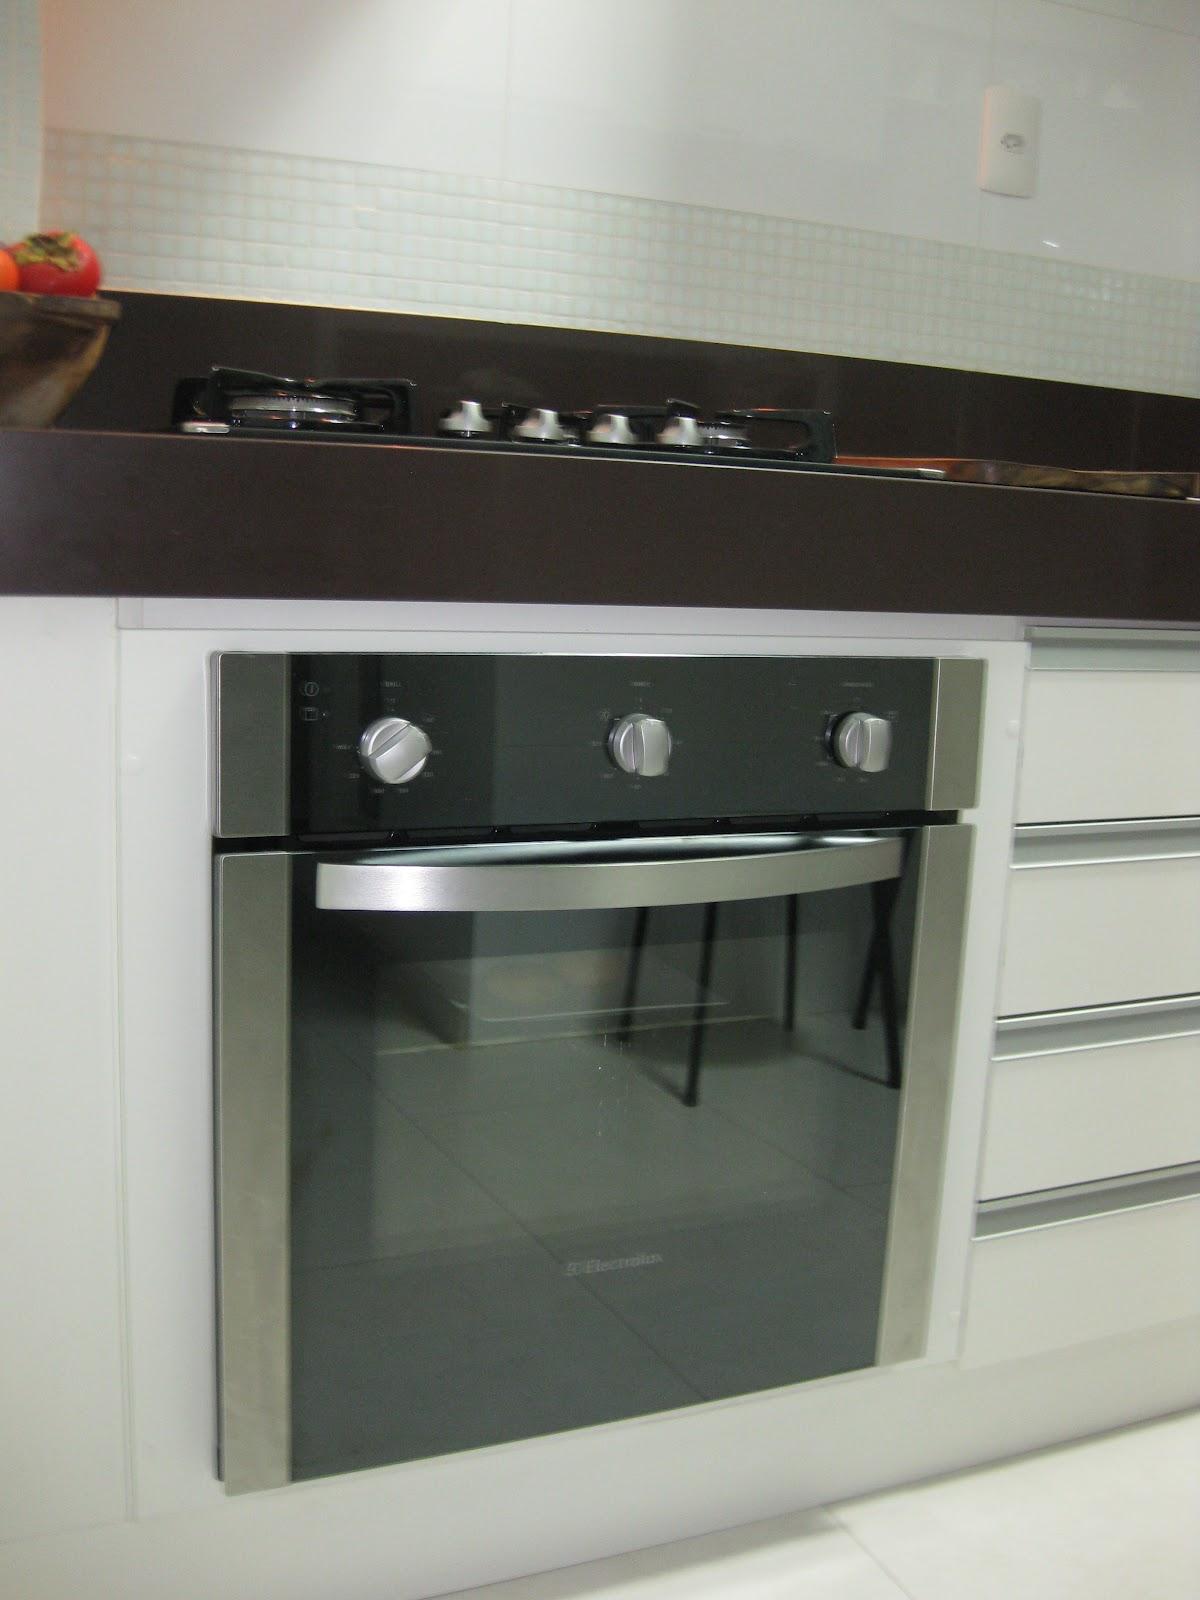 Visão mais próxima do forno logo abaixo do cooktop. Gostei demais  #6C4031 1200 1600